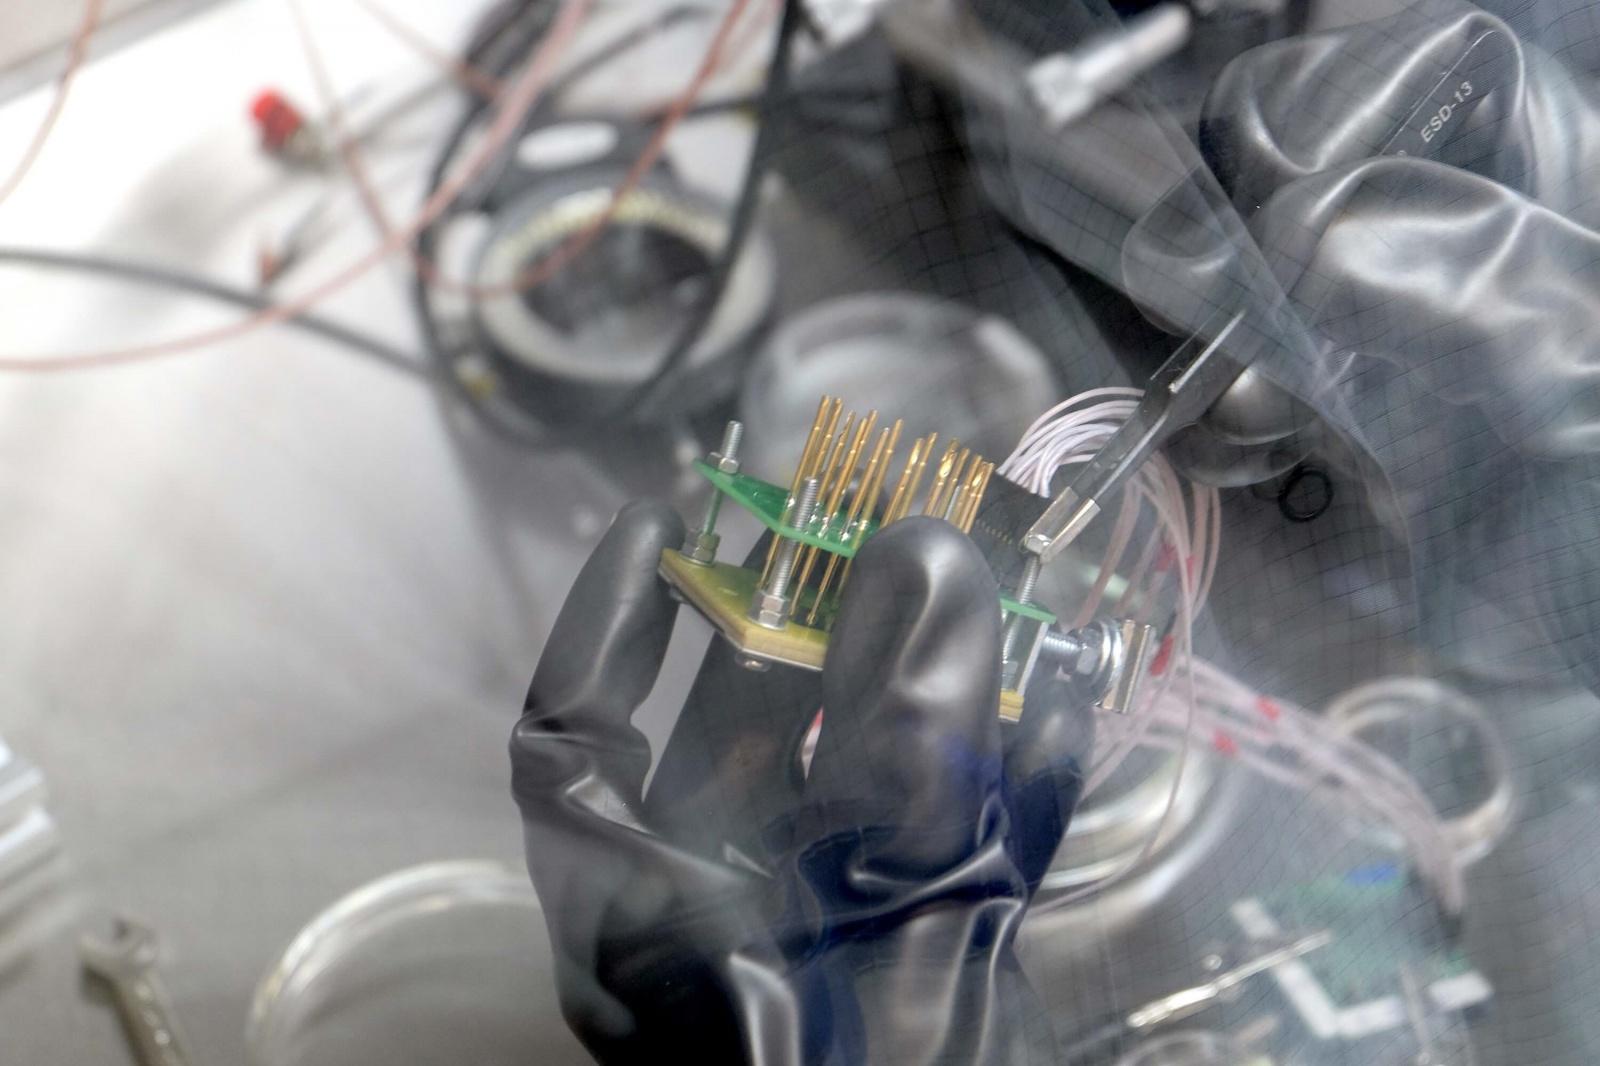 Фотоэкскурсия: что делают в лаборатории гибридной нанофотоники и оптоэлектроники Нового физтеха ИТМО - 18